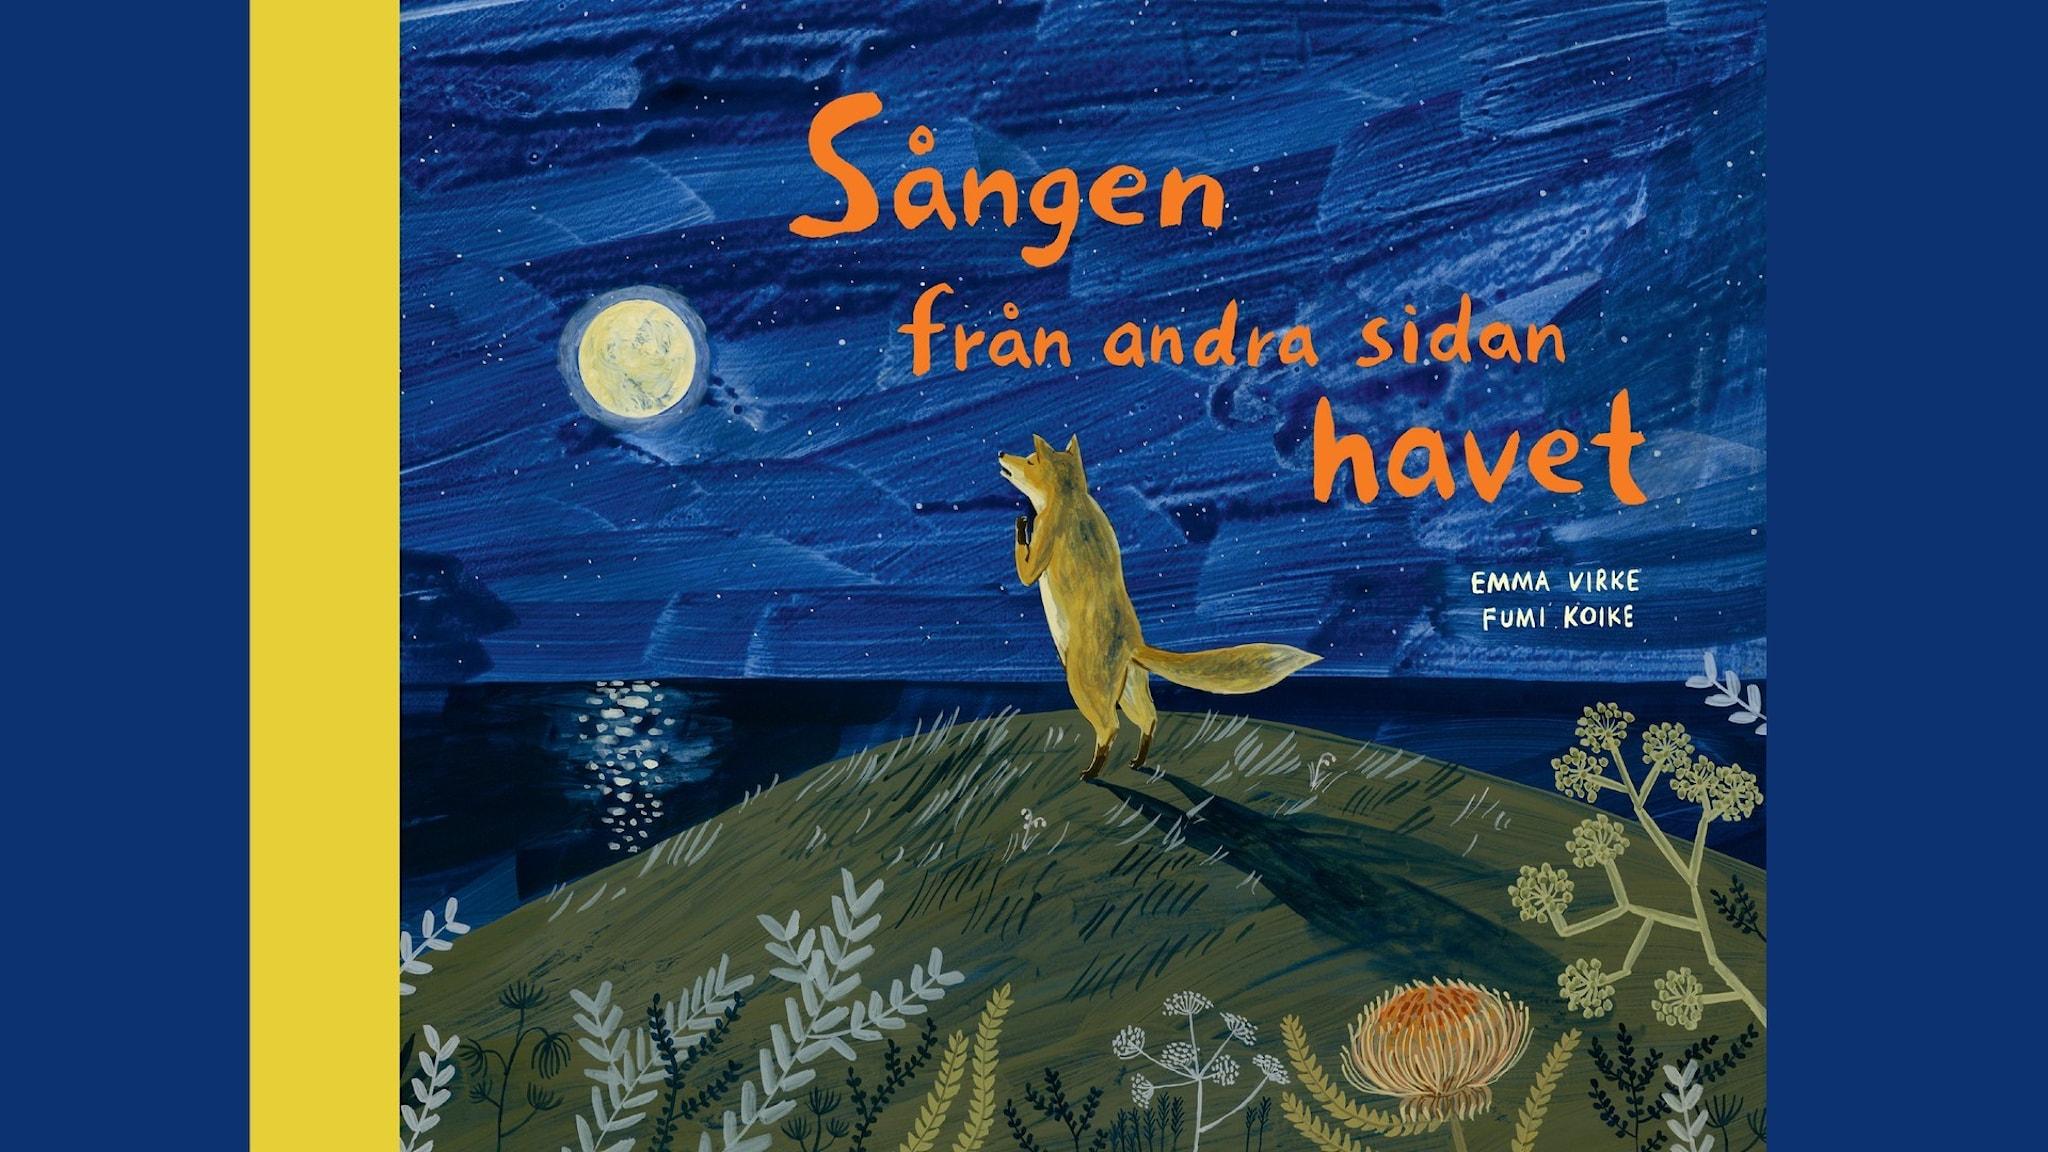 En illustrerat bokomslag med en räv som står på bakbenen och spanar upp på en måne som lyser över ett mörk blått hav.